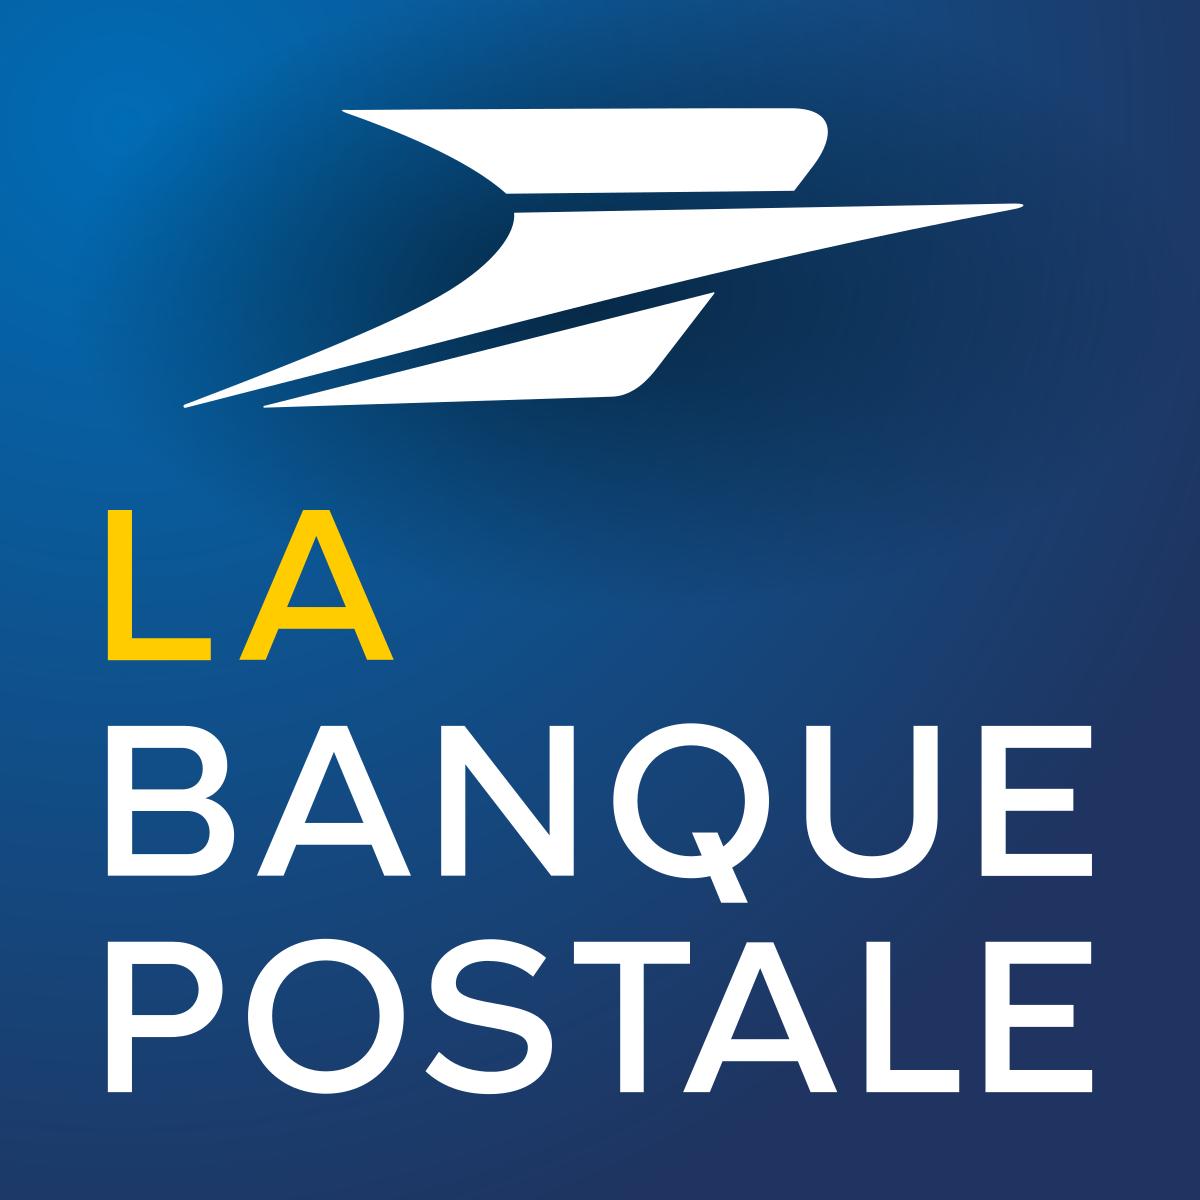 Banque postale Livret A